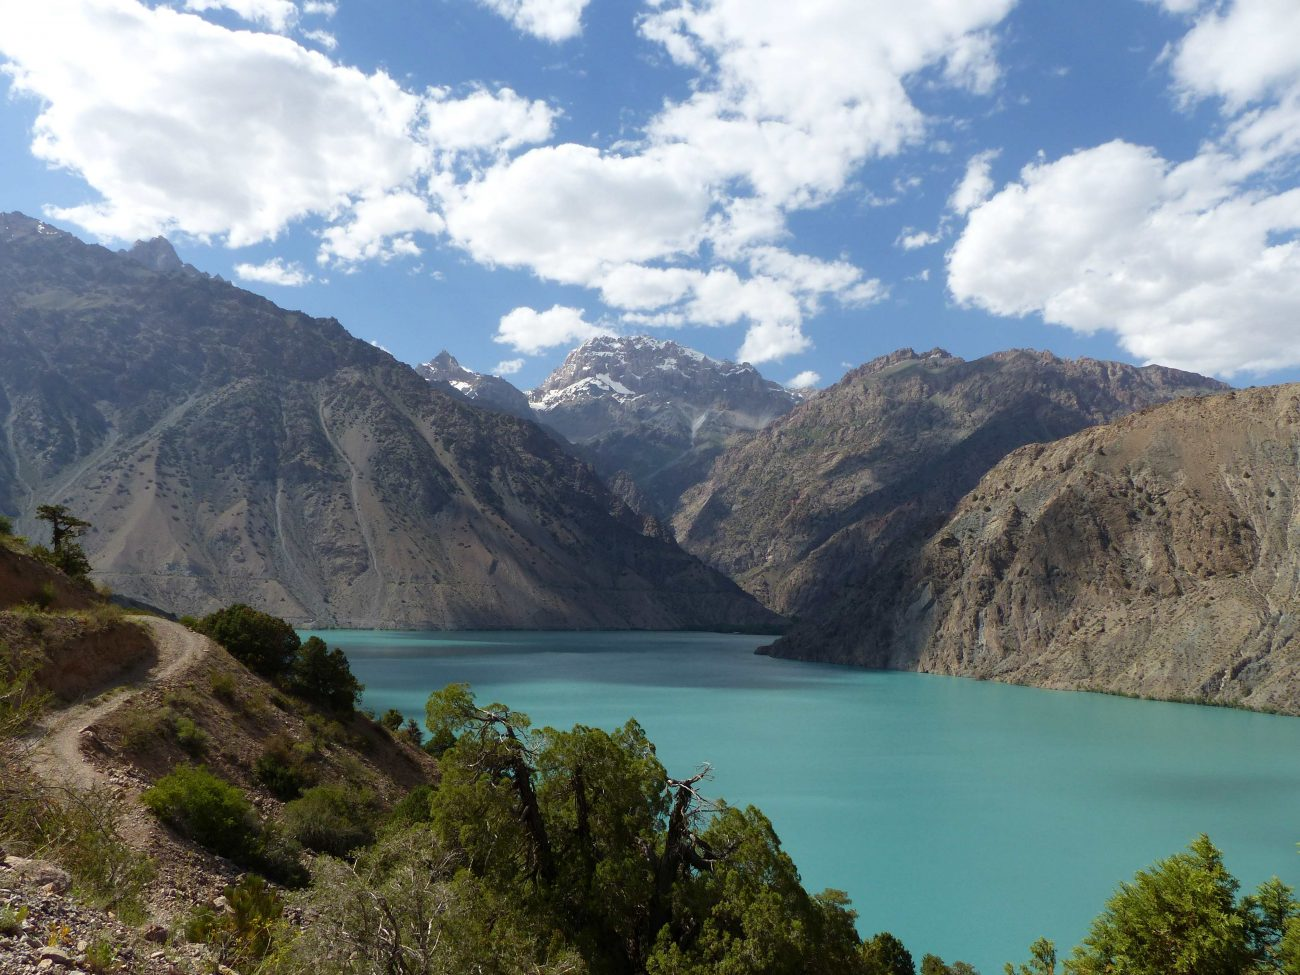 En été, le lac est un lieu de repos apprécié de la population.